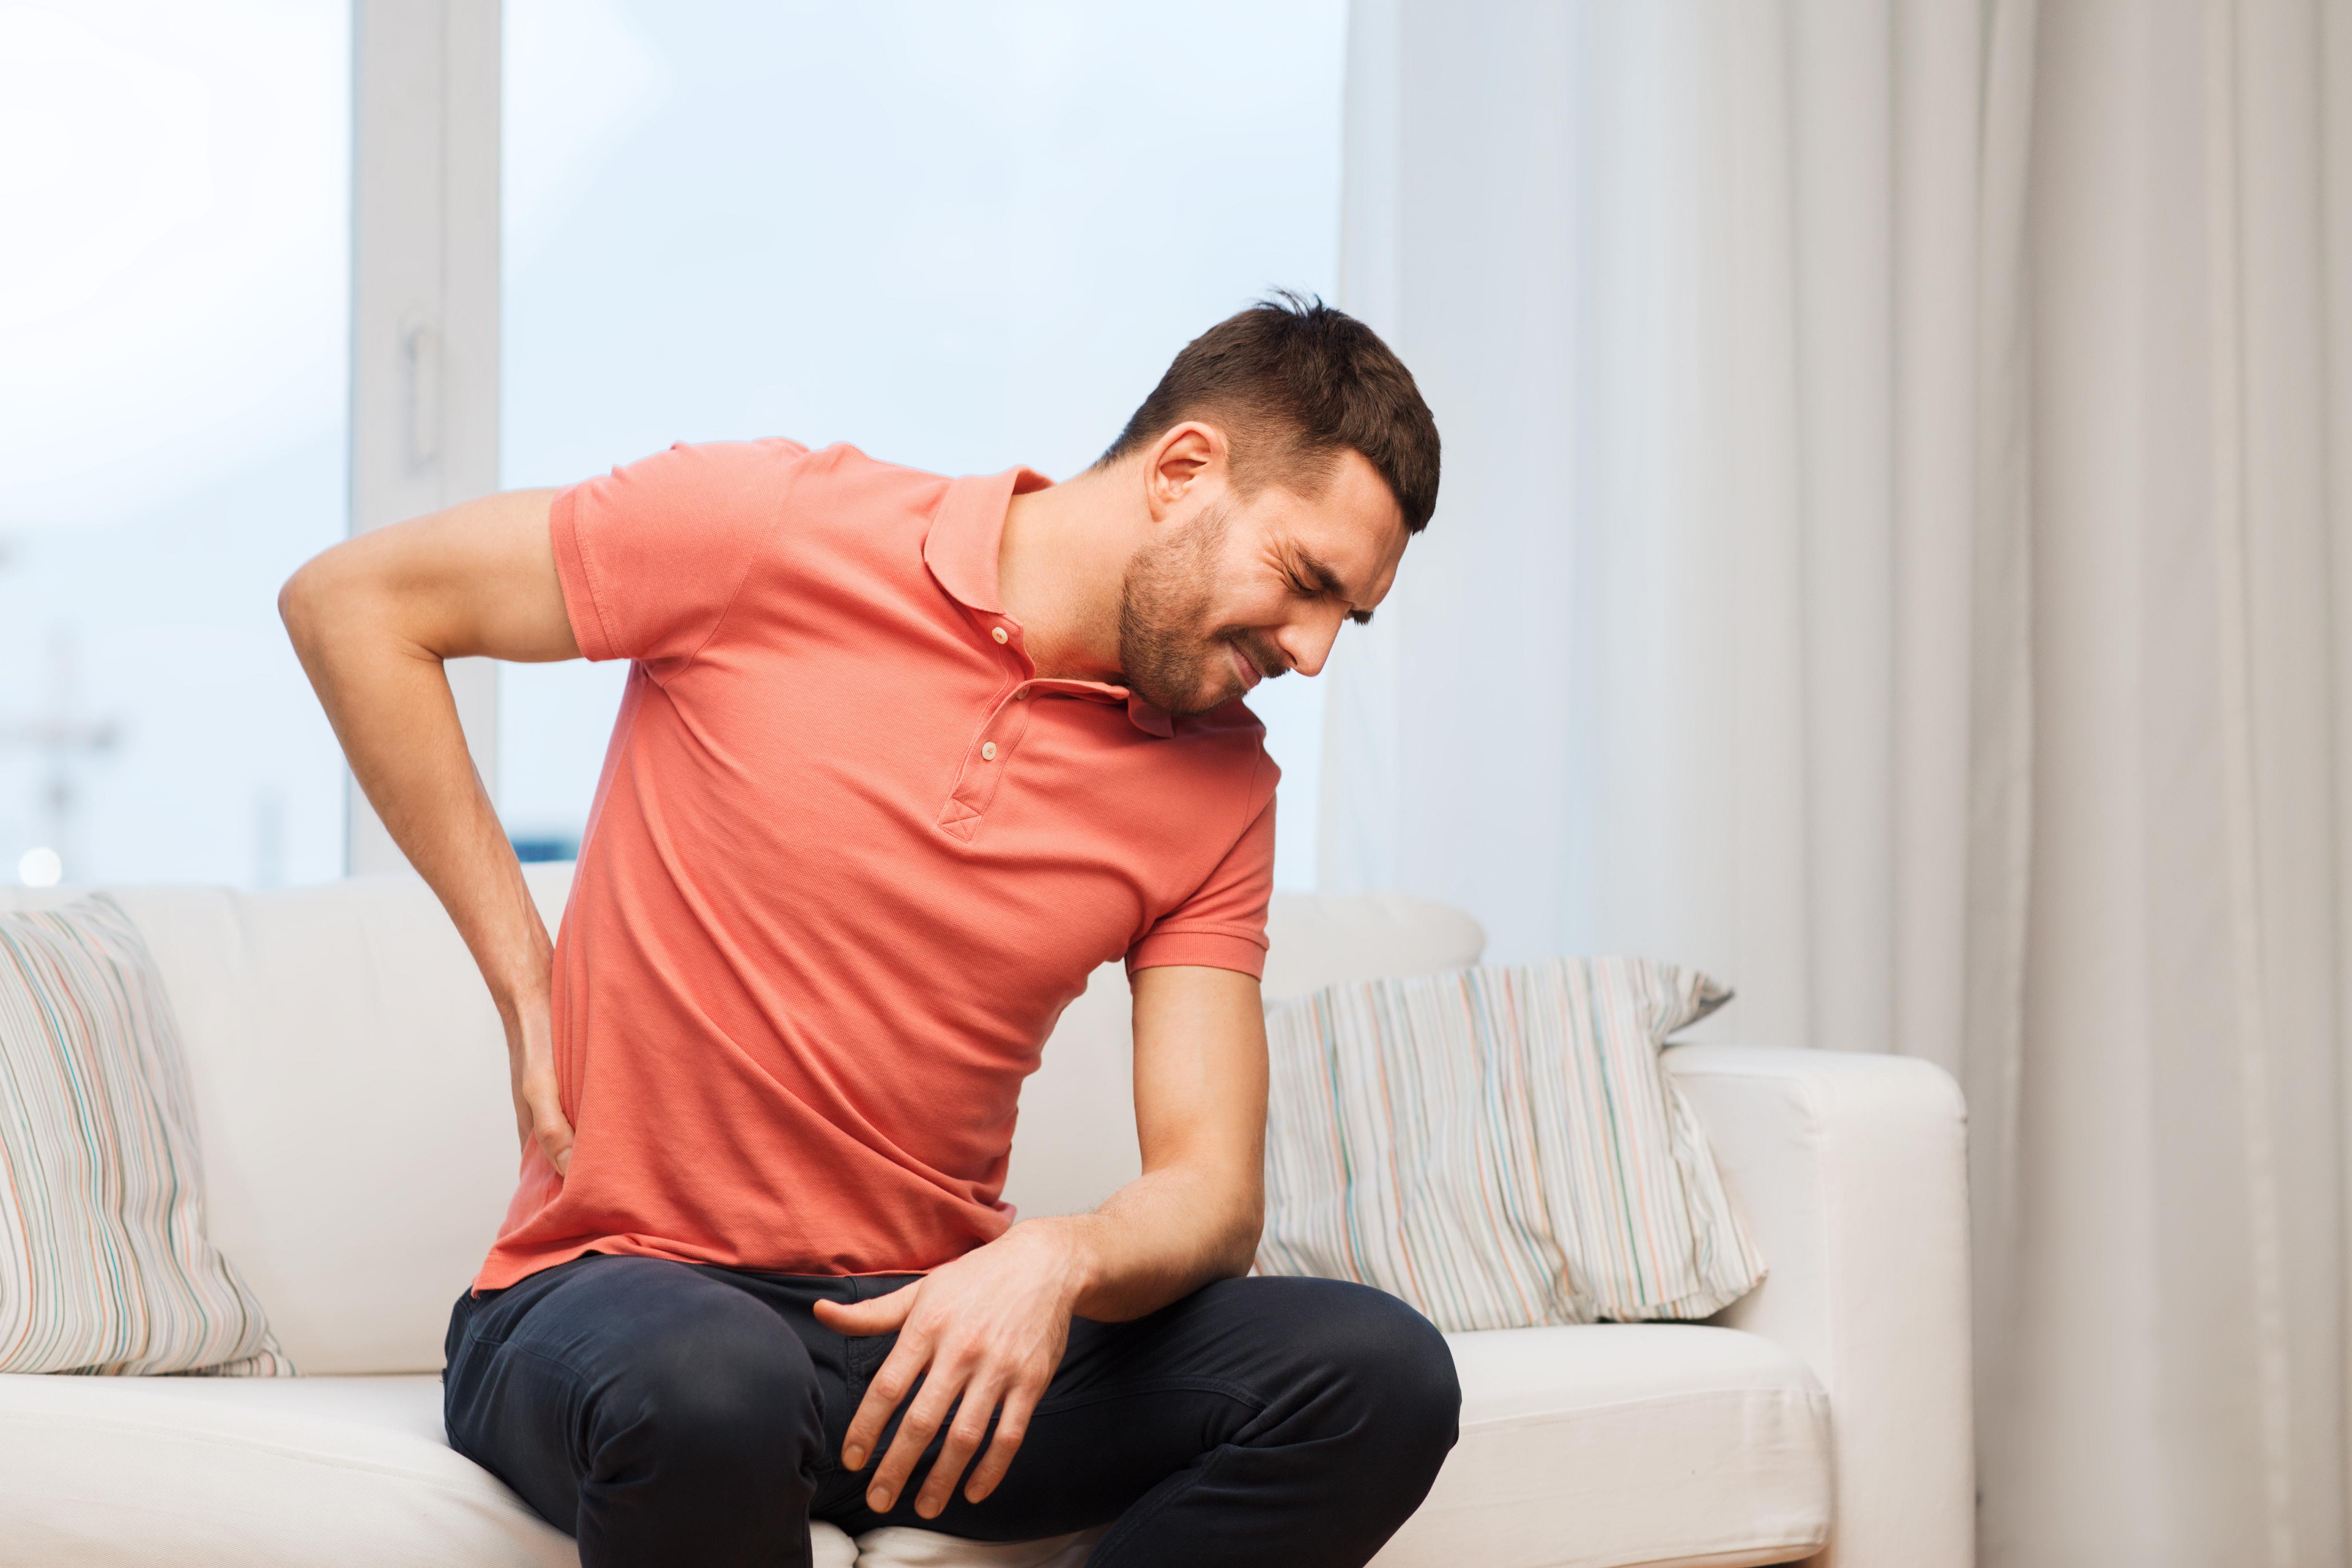 Att ha ont i ryggen, ofta i ryggslutet, kan vara symptom på inflammatorisk ryggsjukdom. De allra flesta får sina första symptom när de är 20-30 år gamlaAtt ha ont i ryggen, ofta i ryggslutet, kan vara symptom på inflammatorisk ryggsjukdom. De flesta får sina första symptom när de är 20-30 år gamla.